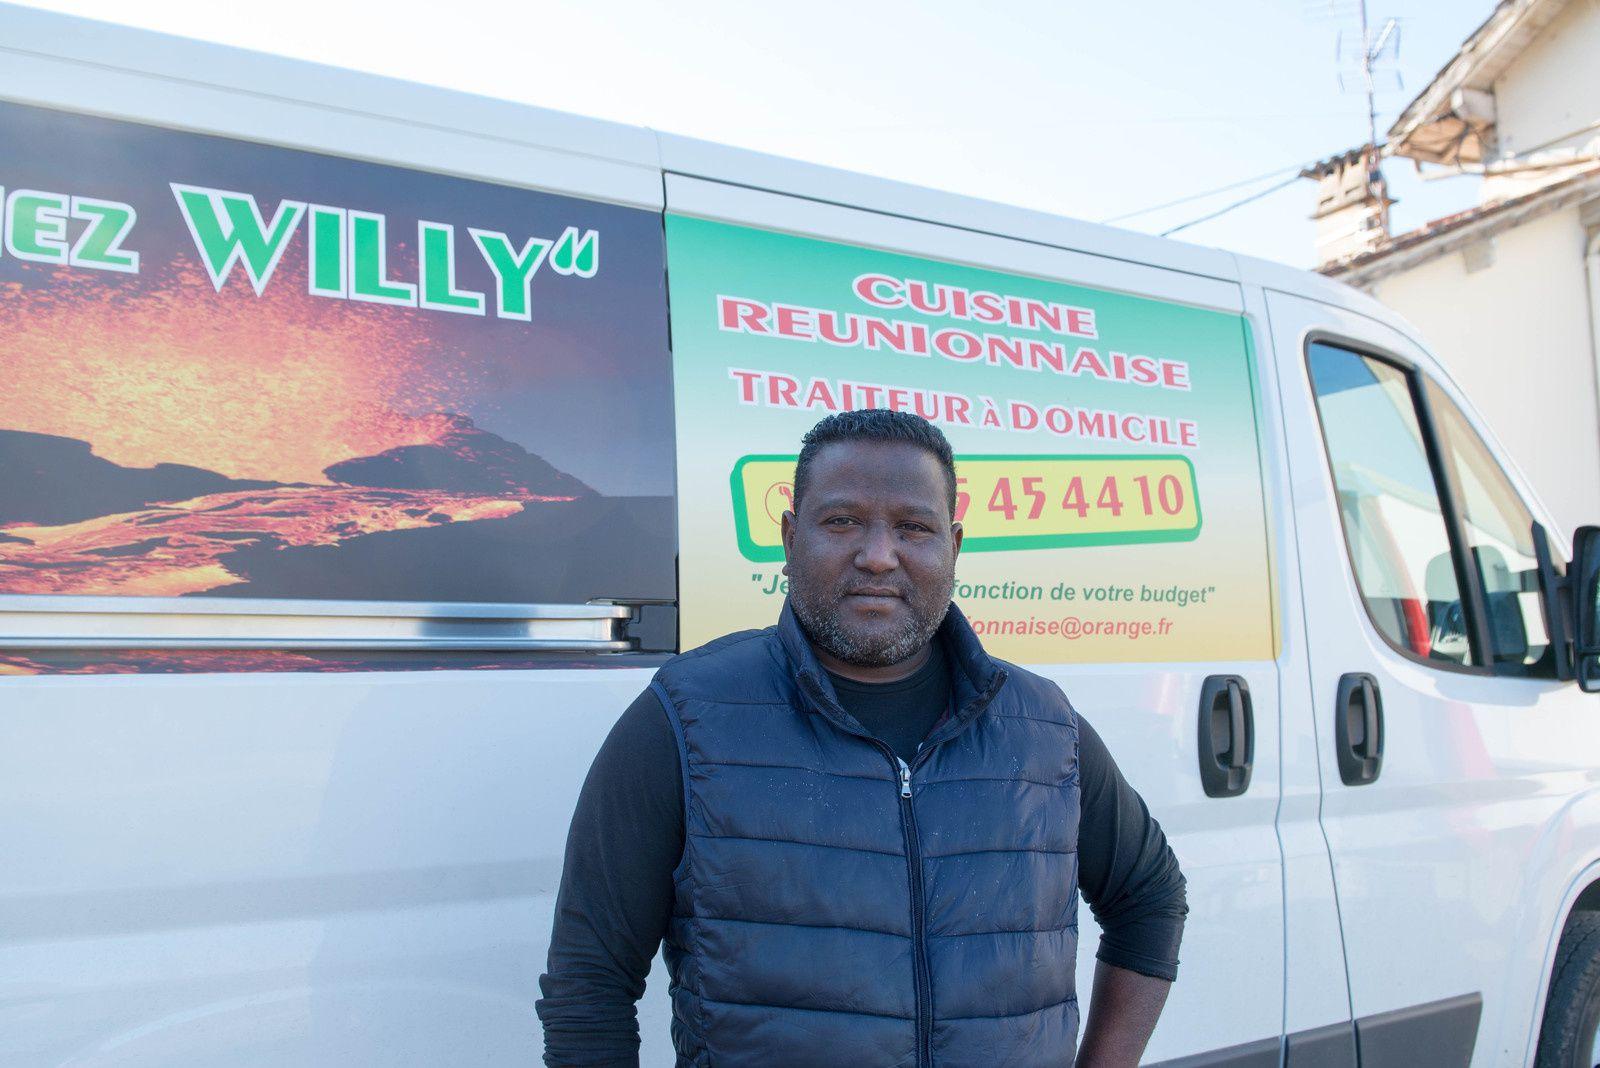 Willy le cuisinier Réunionnais du Fumélois